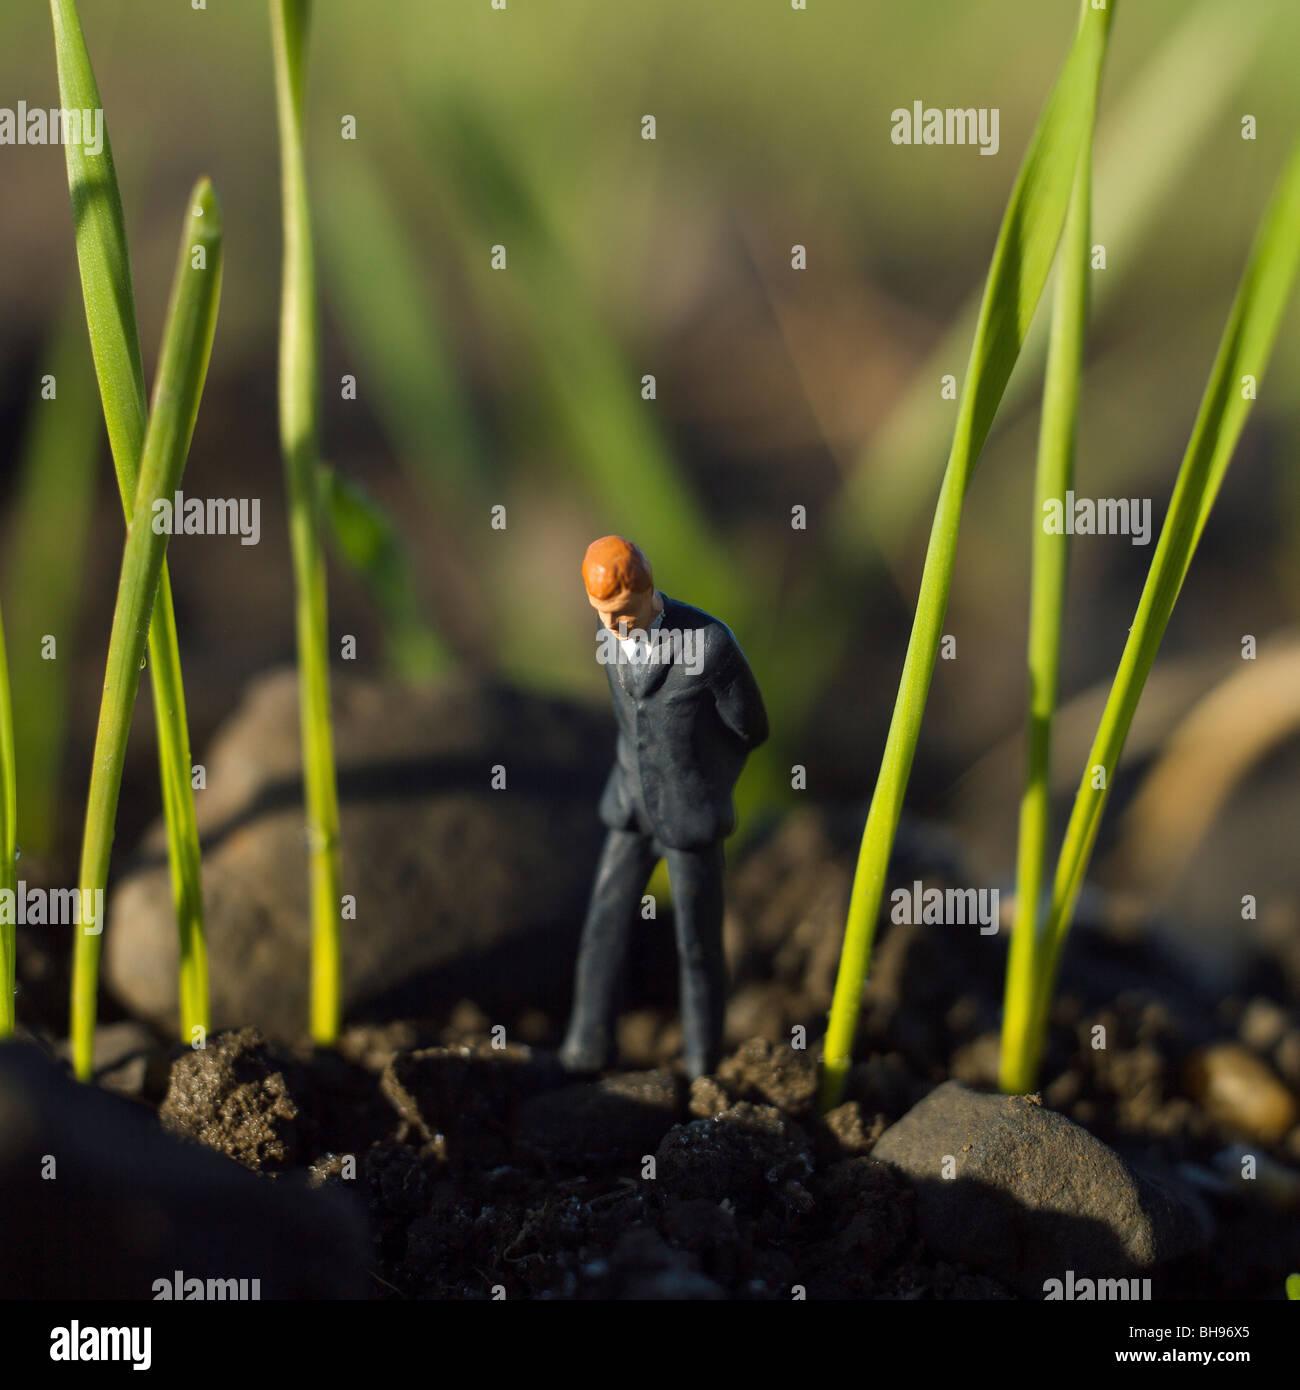 Empresario figurita de hombre en el medio de un campo de cereales - industria y negocios agrícolas concepto Imagen De Stock